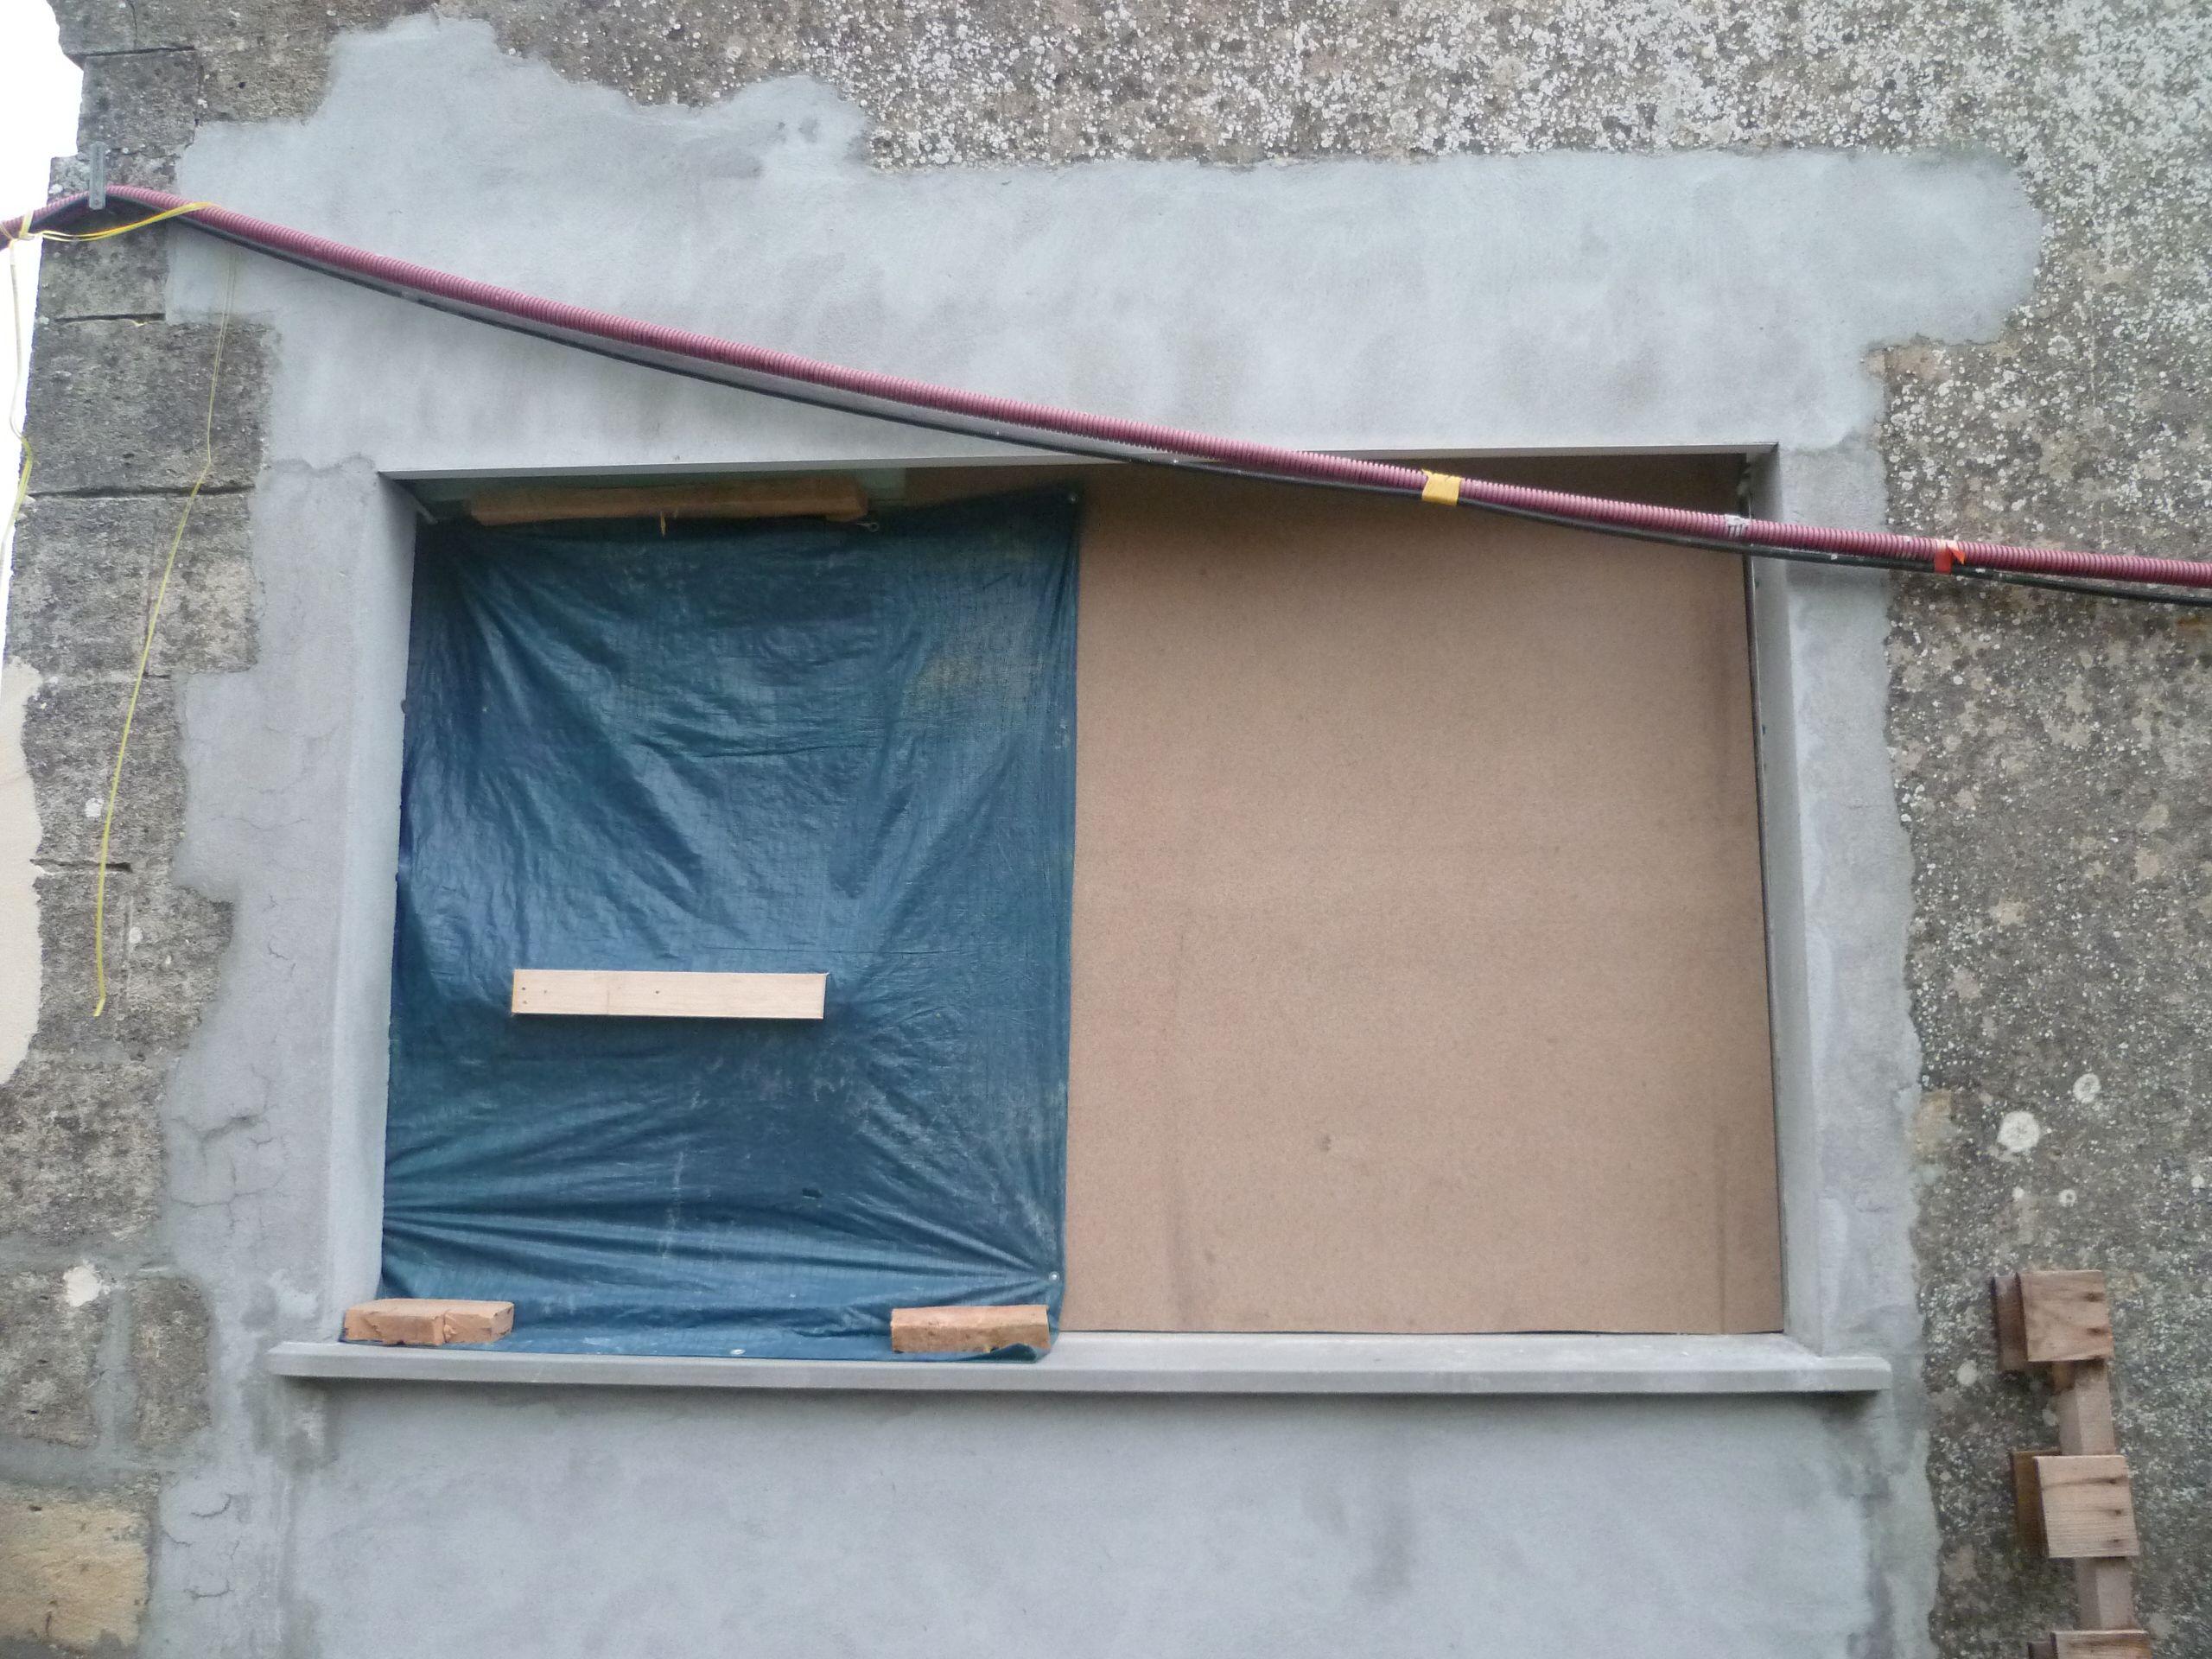 fuite des fen tres en cas de pluie ces causes peuvent avoir des fen tres mouill es bricolage. Black Bedroom Furniture Sets. Home Design Ideas